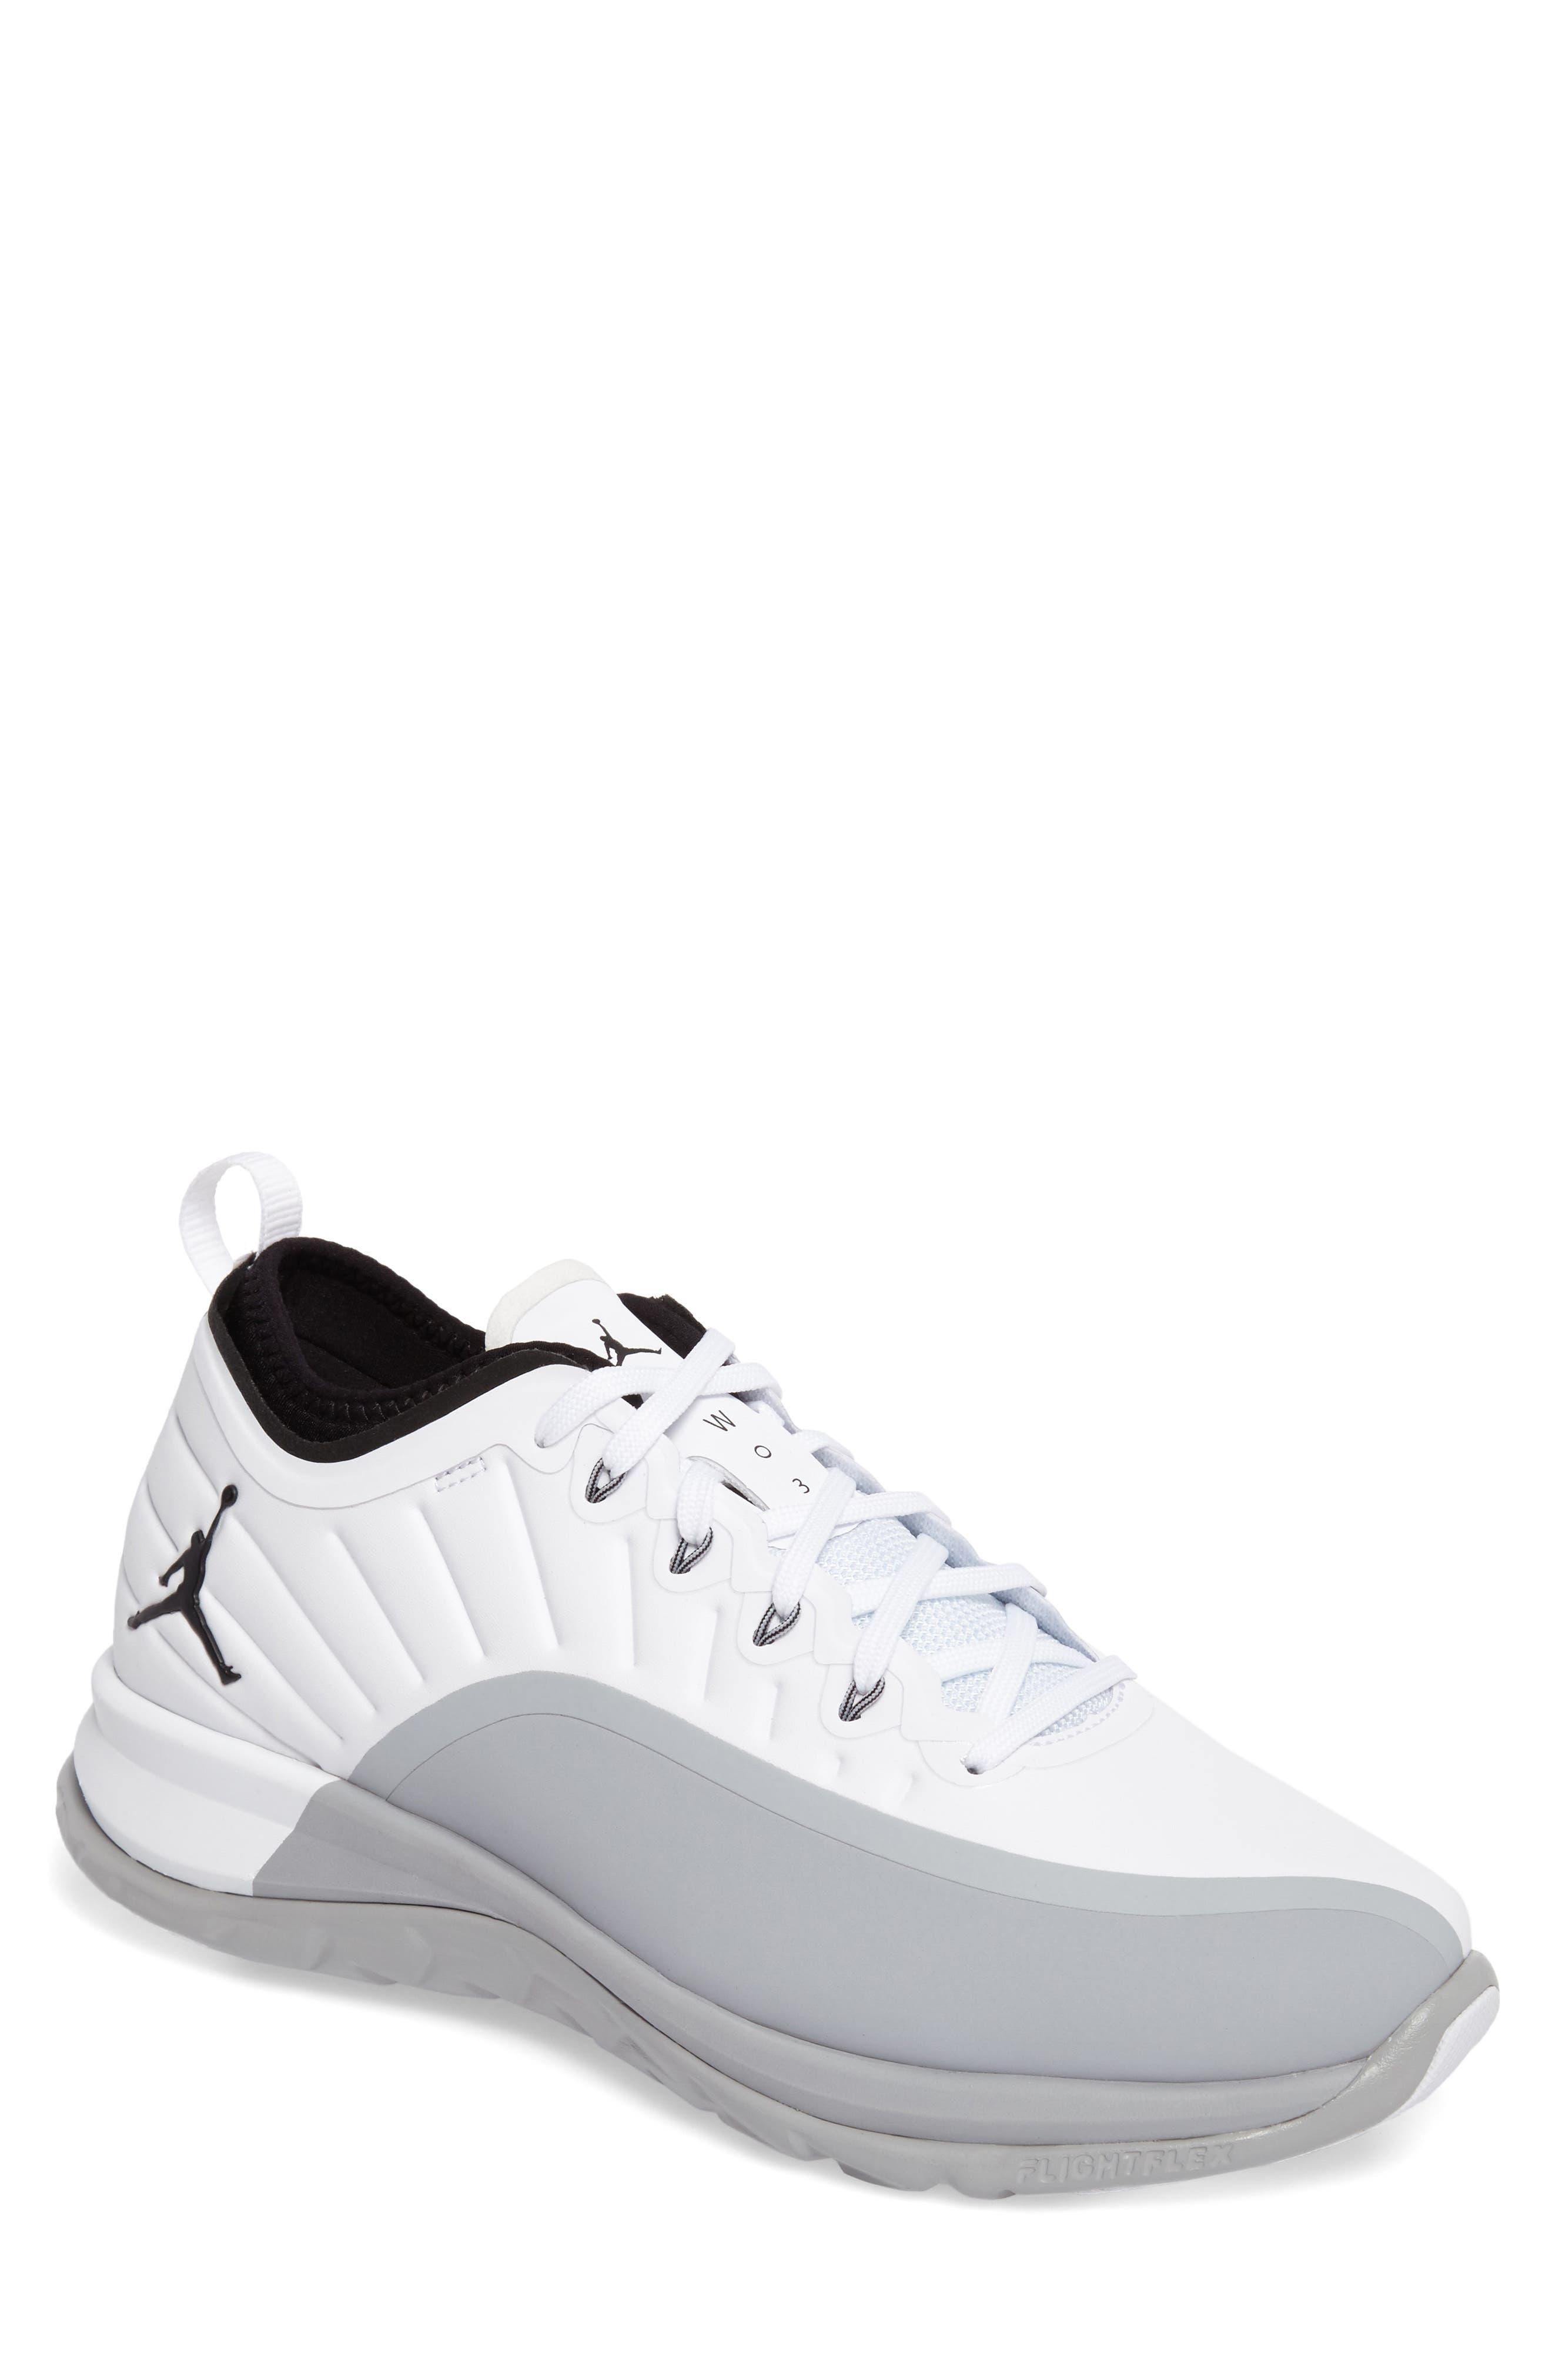 NIKE Jordan Trainer Prime Sneaker